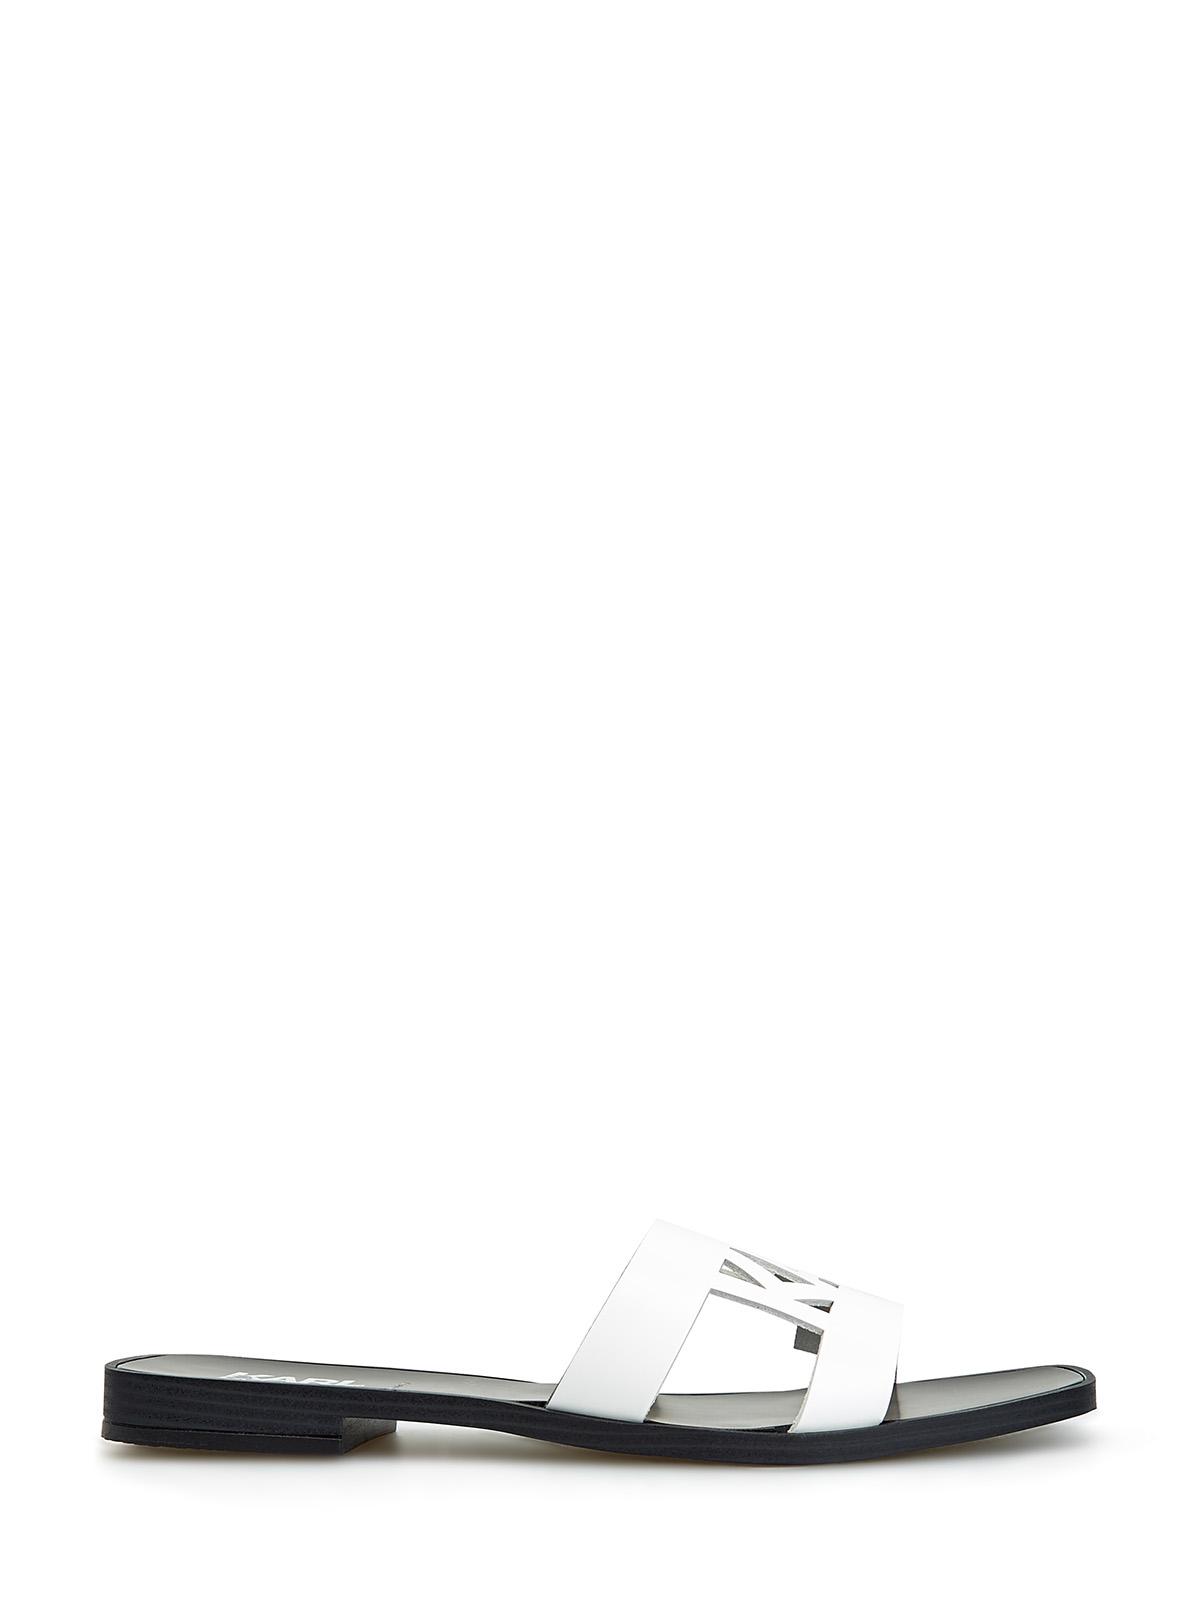 Кожаные сандалии с логотипом в лазерной технике